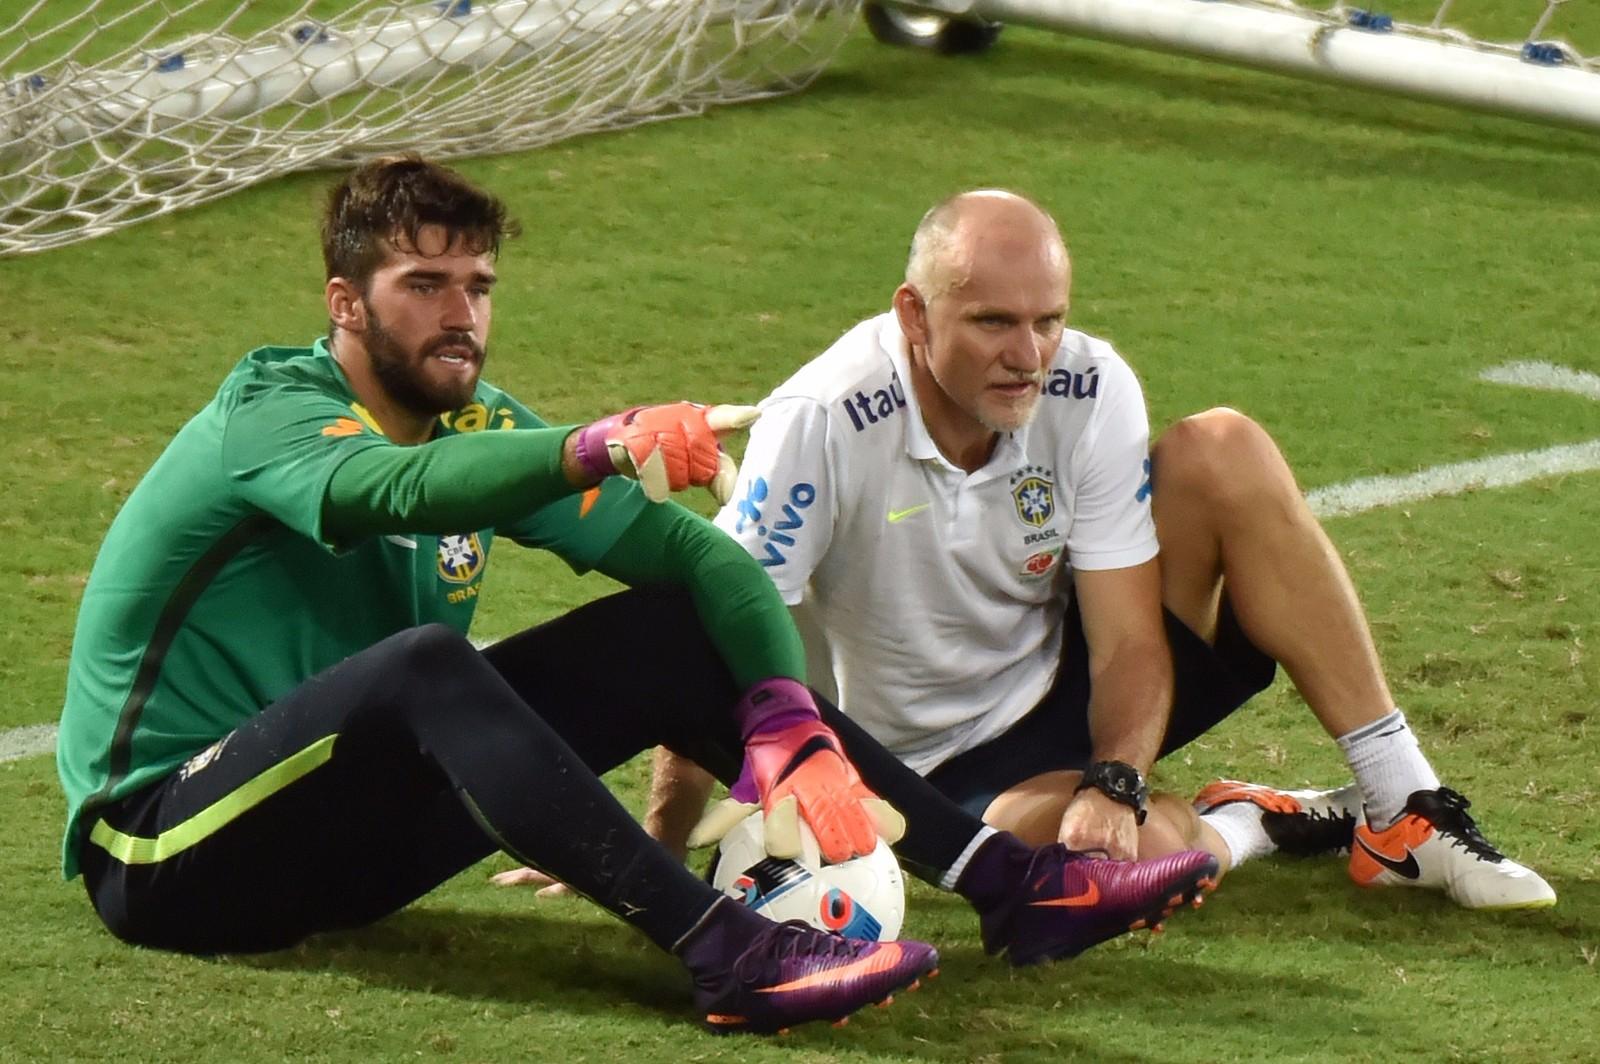 图为2016年10月8日,巴西队守门员教练塔法雷尔(右)与巴西队门将阿里森在备战2018年俄罗斯世界杯预选赛对阵委内瑞拉队比赛前的训练中。